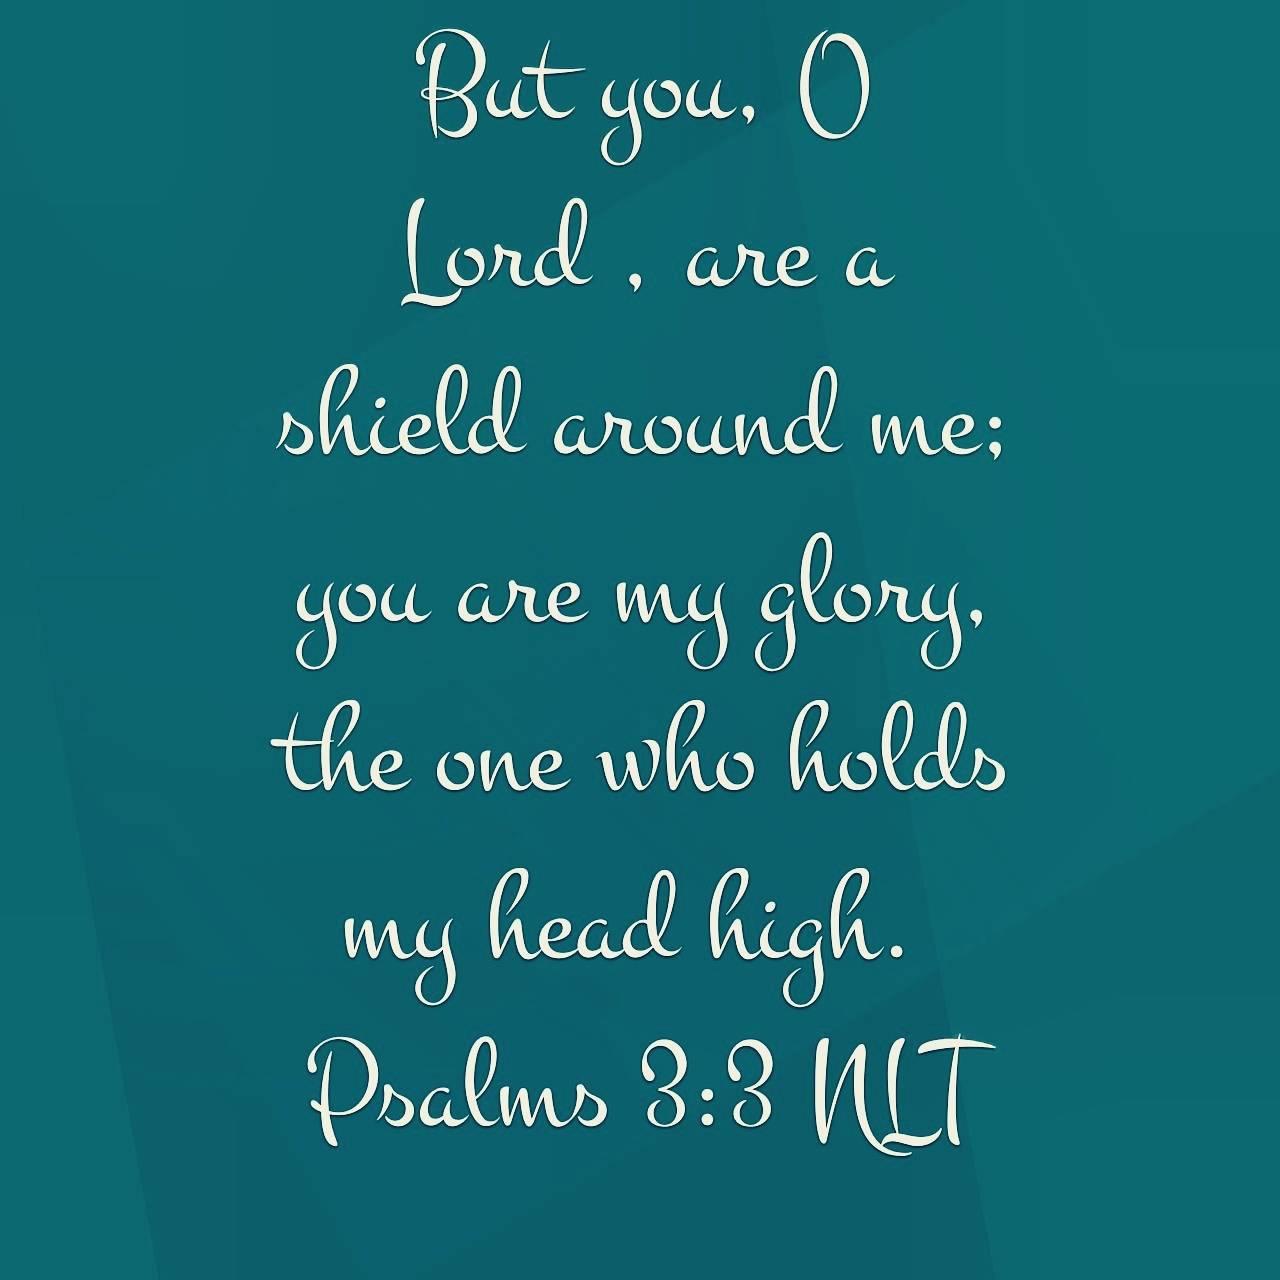 Psalm 3 3 Wallpaper by TammyRane41 - 04 - Free on ZEDGE™